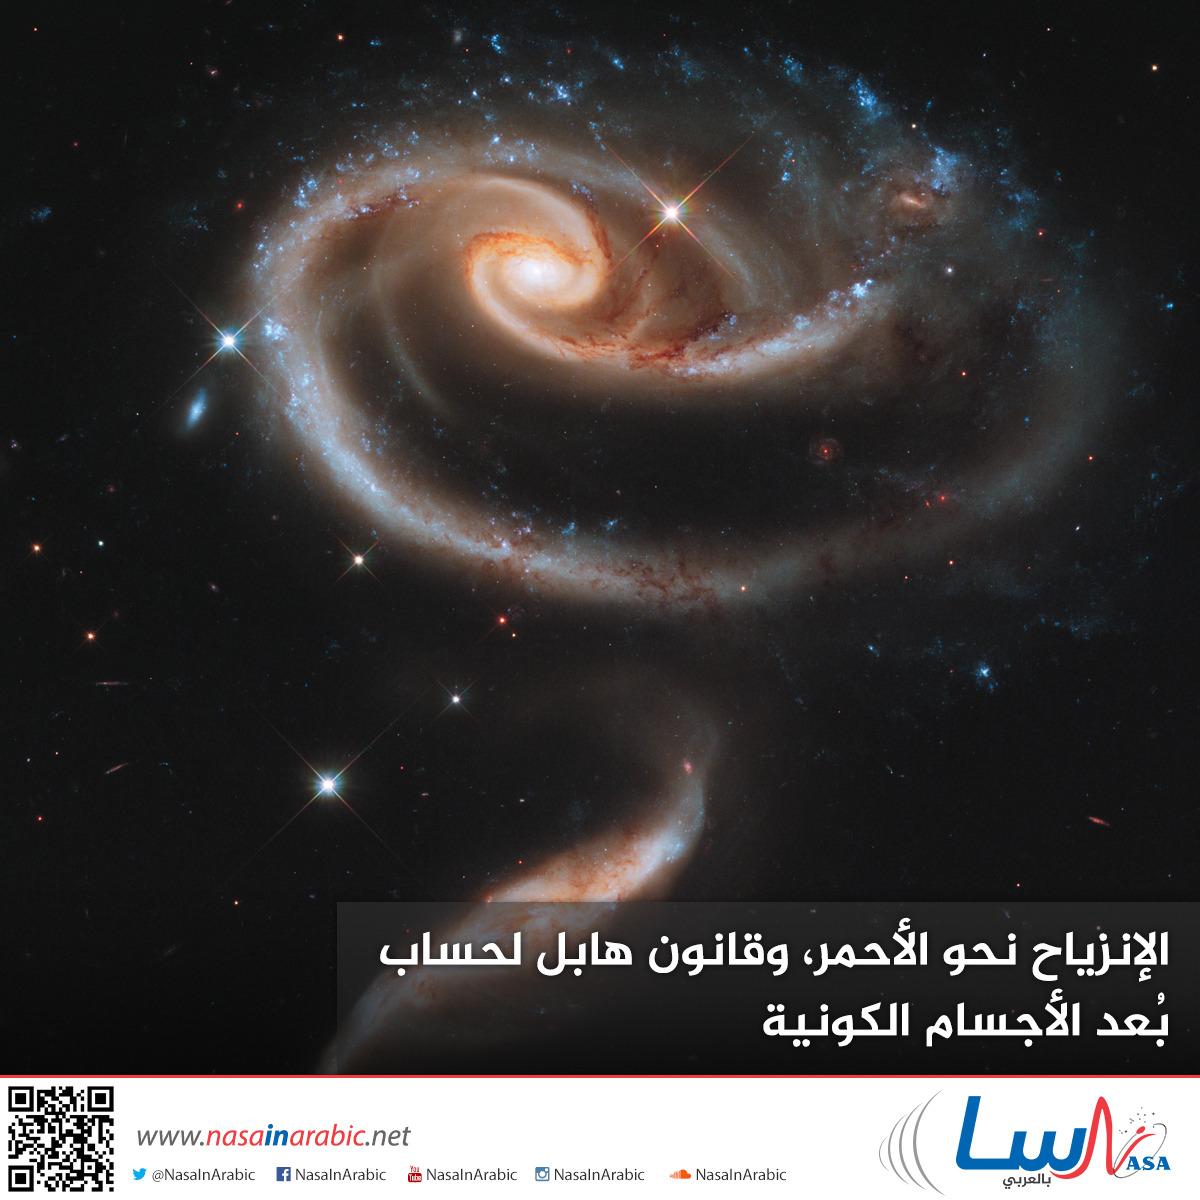 الإنزياح نحو الأحمر، وقانون هابل لحساب بُعد الأجسام الكونية